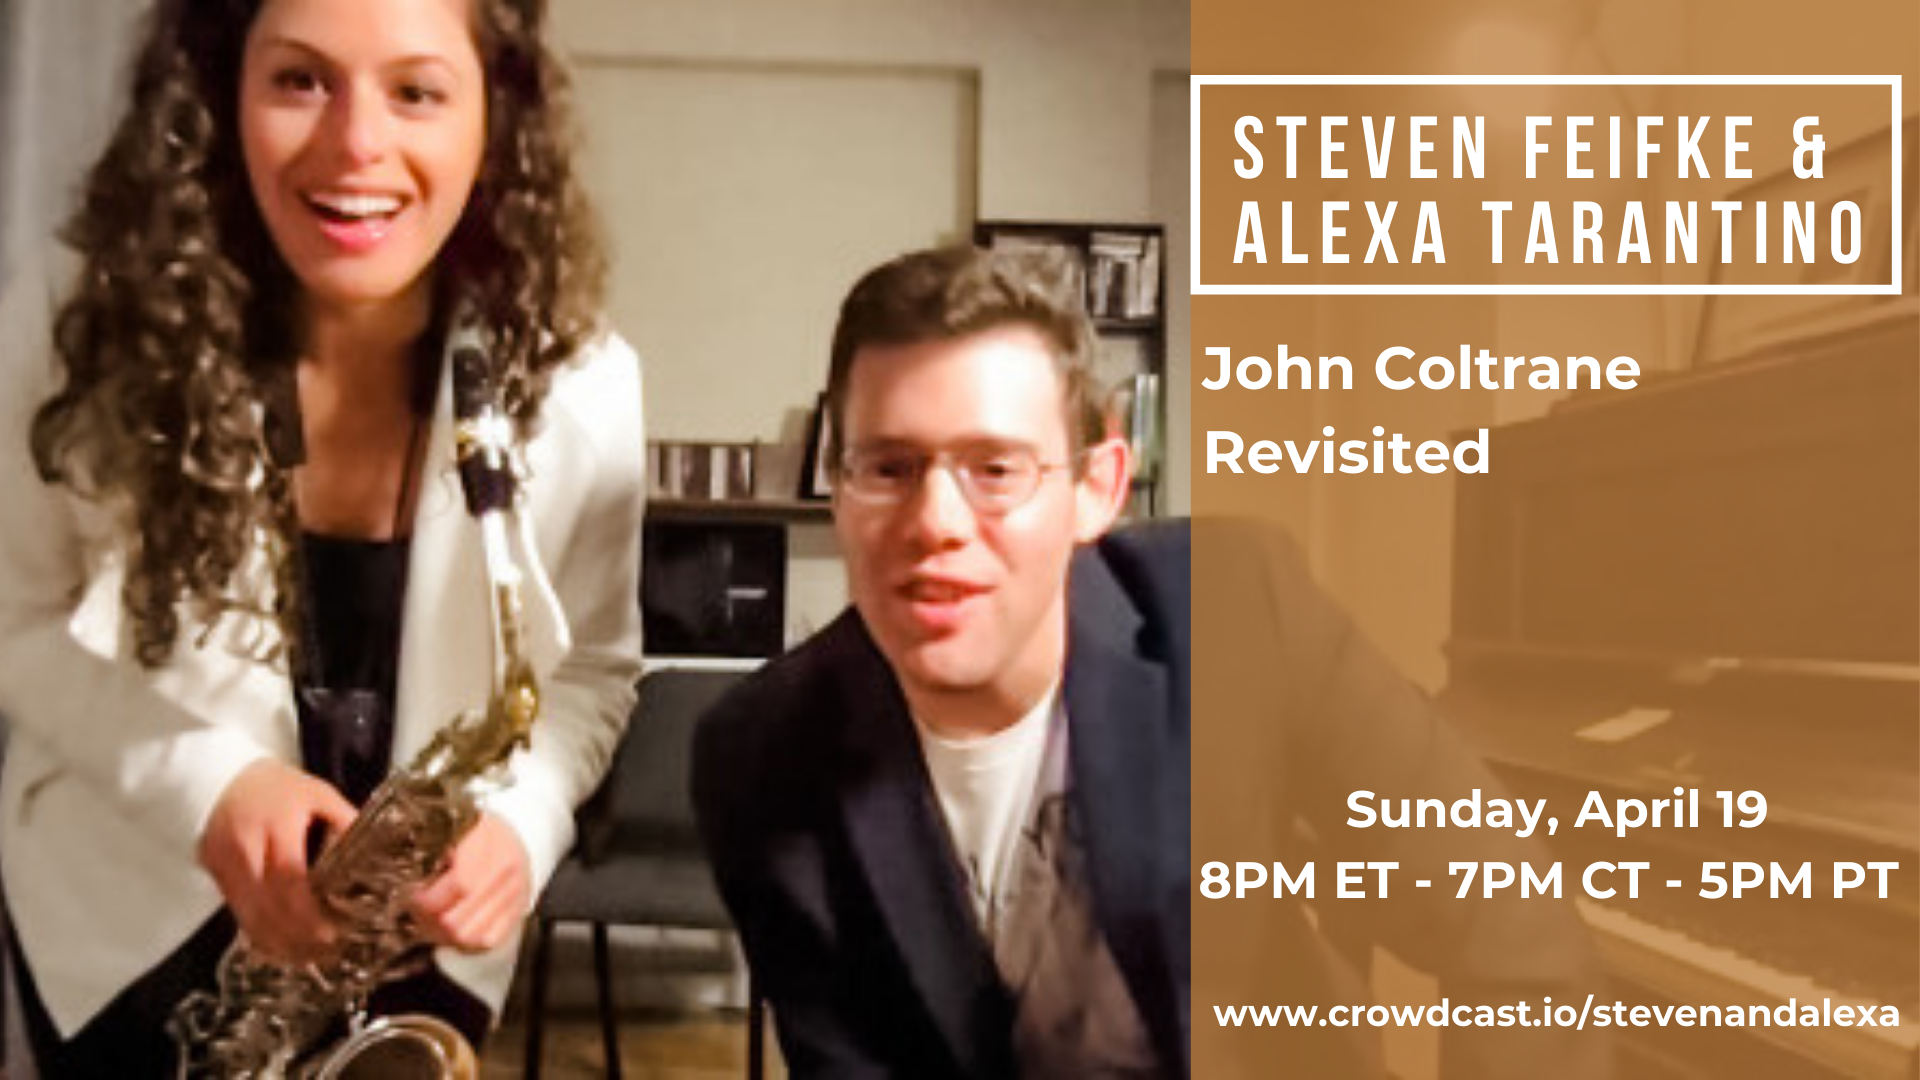 Steven Feifke & Alexa Tarantino: John Coltrane Revisited